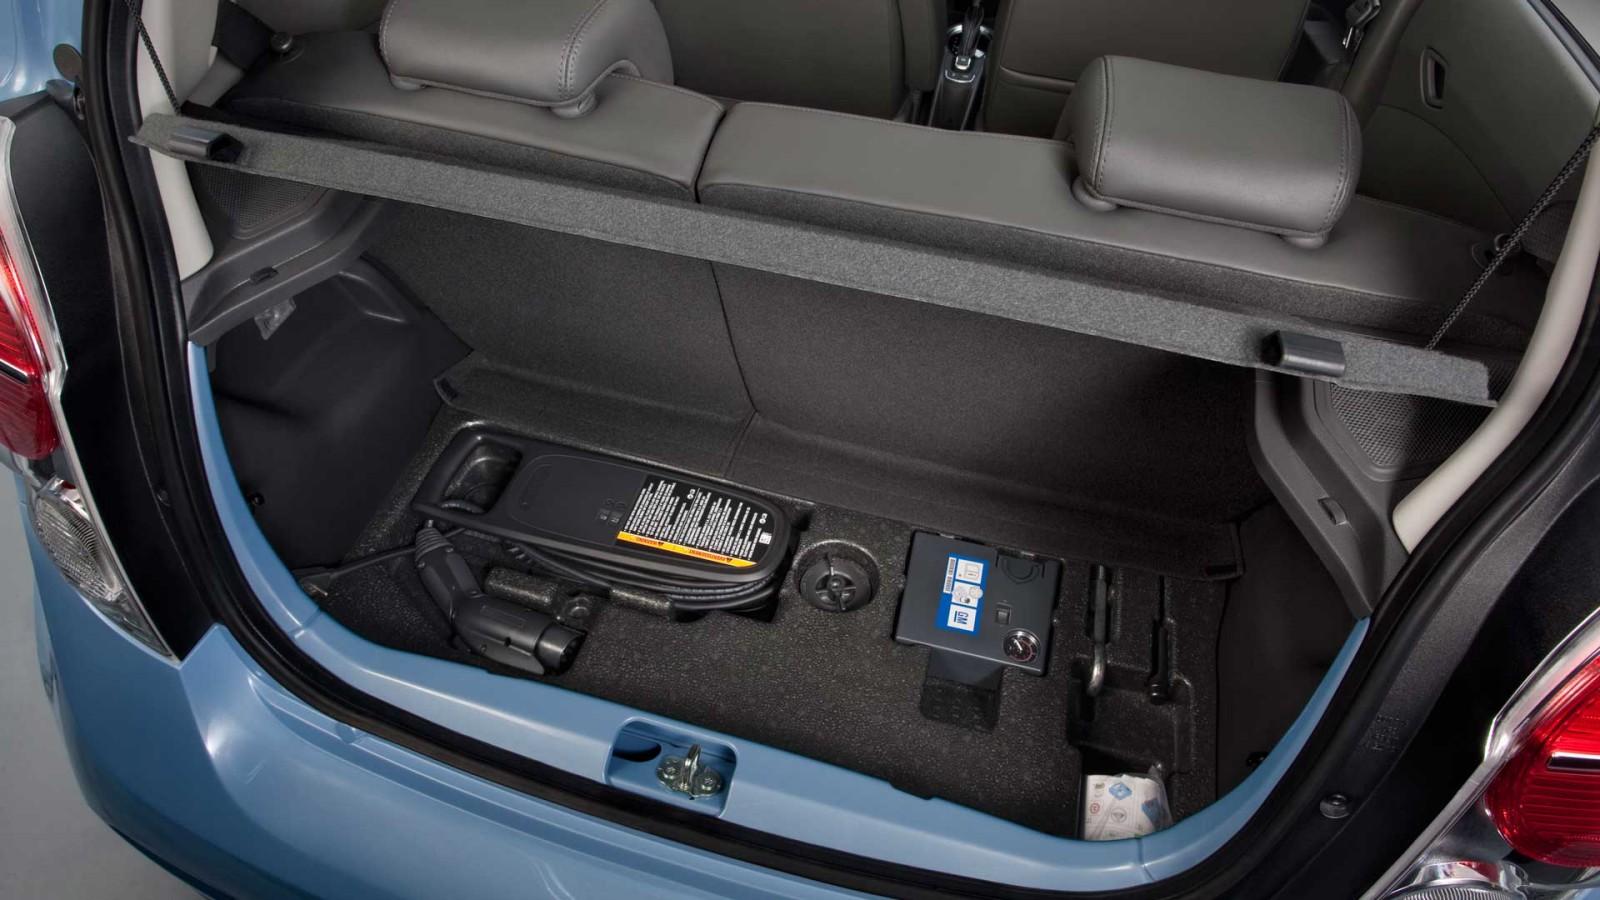 2017 Chevy Spark Ev Interior Trunck